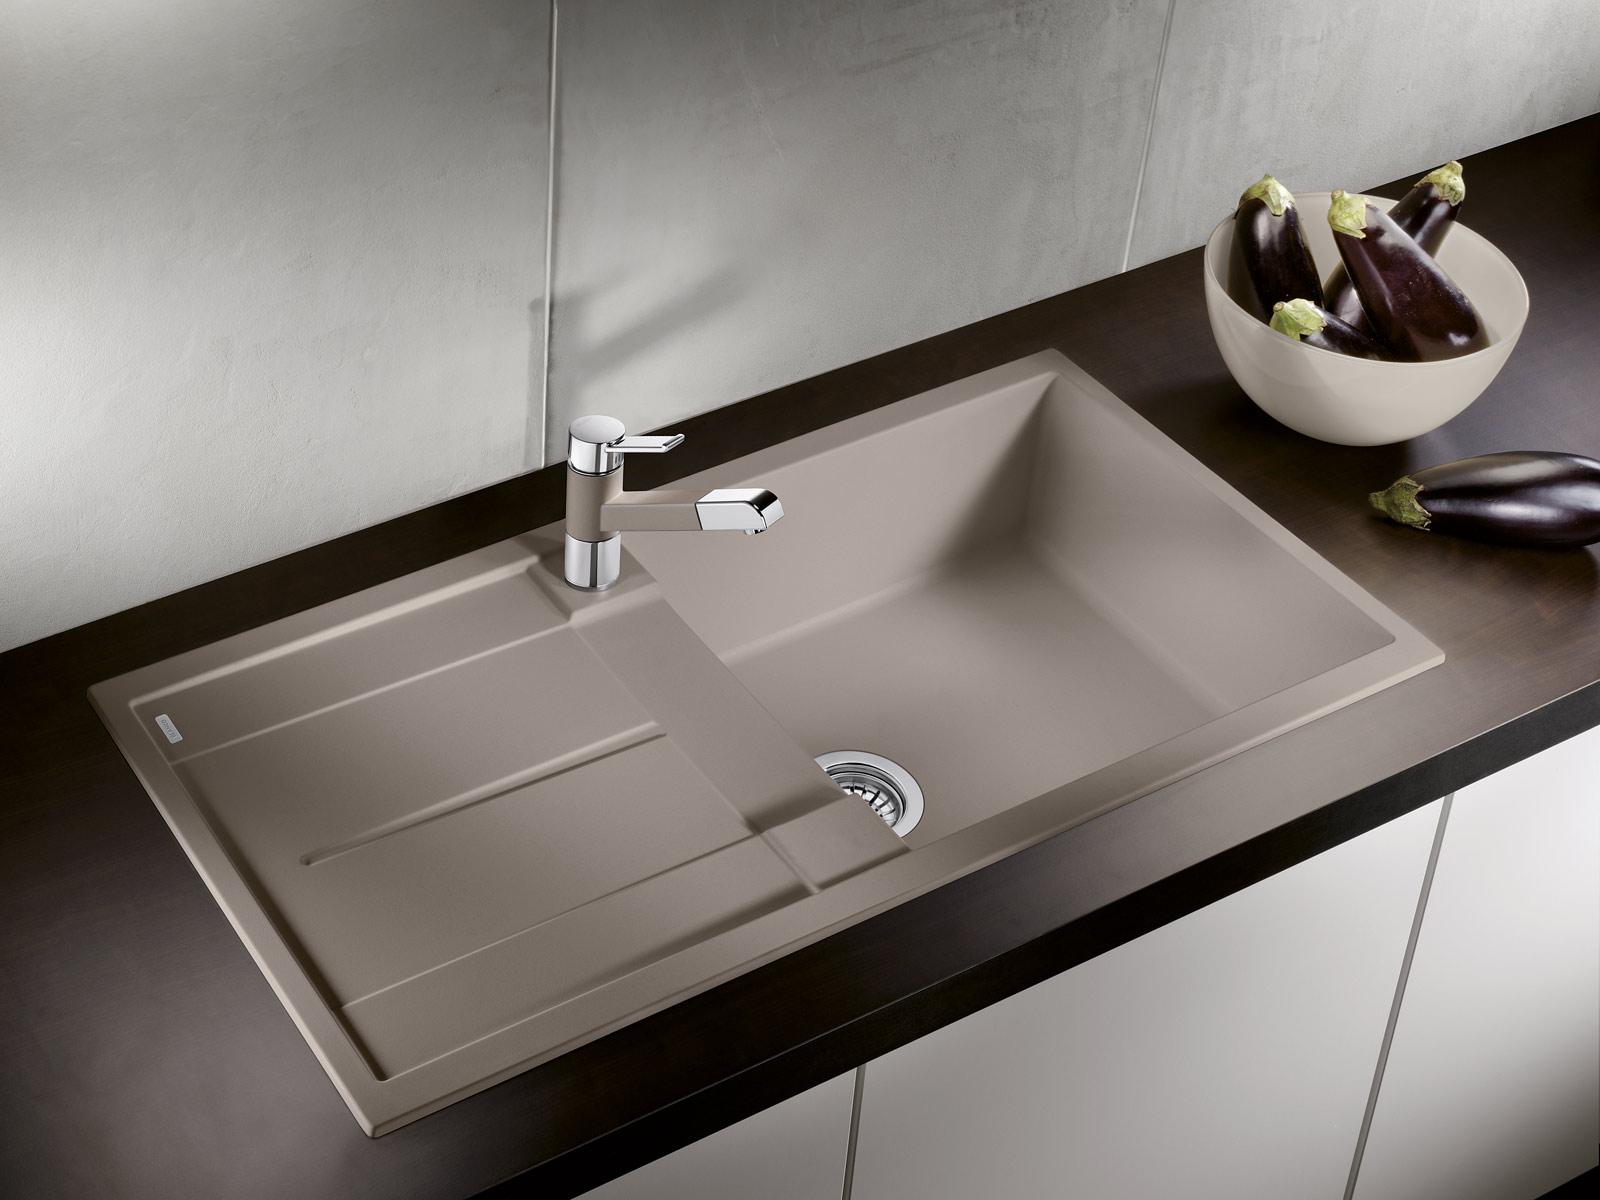 Lavello Cucina Fragranite - Idee per la progettazione di ...